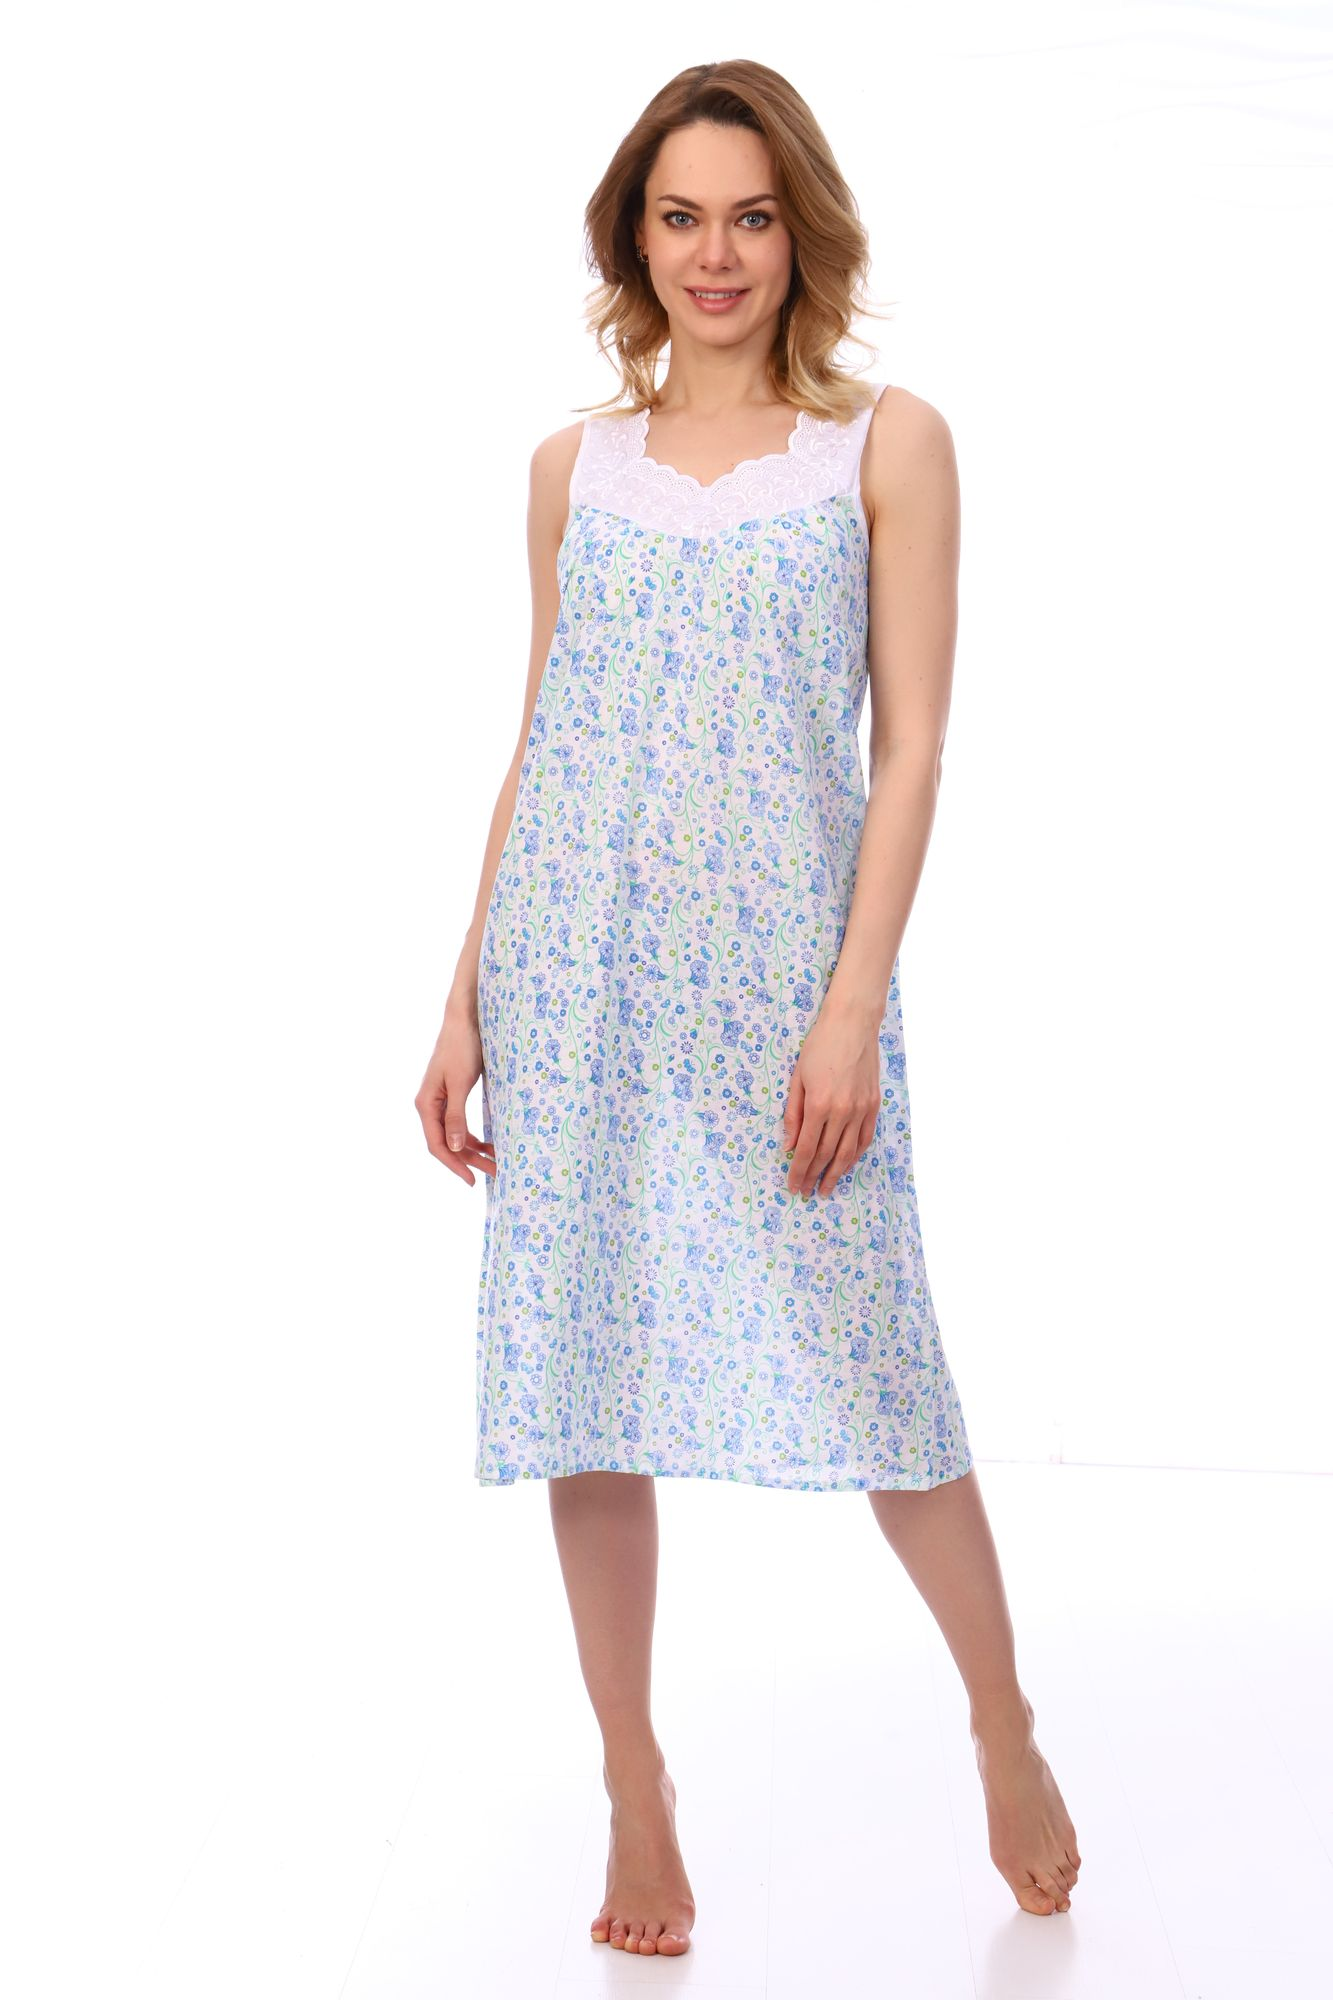 Сорочка ночная женская,модель 4031,ситец (Весна, голубой )